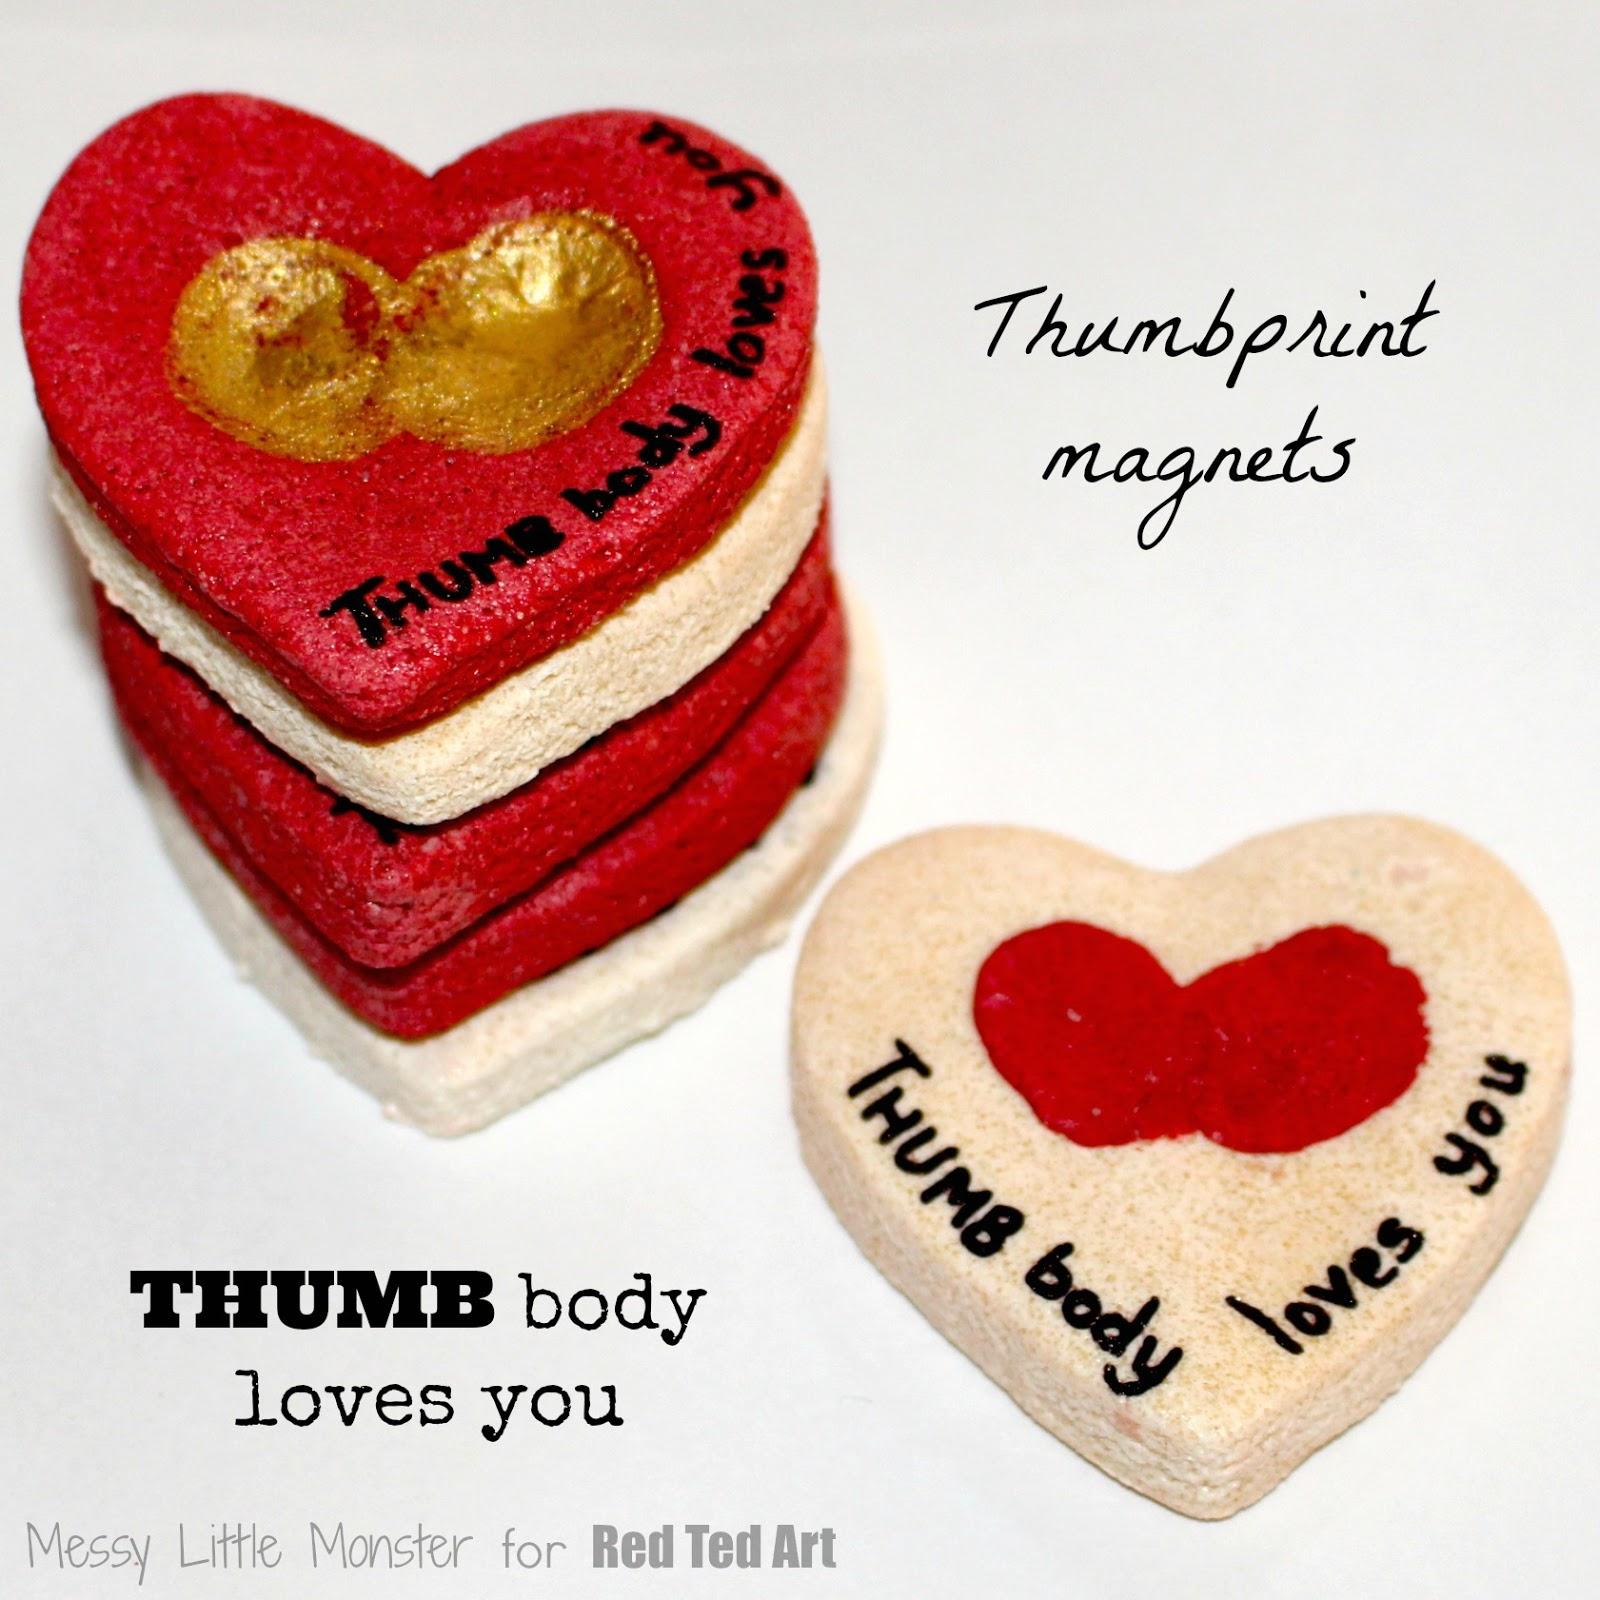 Thumbbody loves you thumbprint magnet messy little monster for Salt dough crafts figures